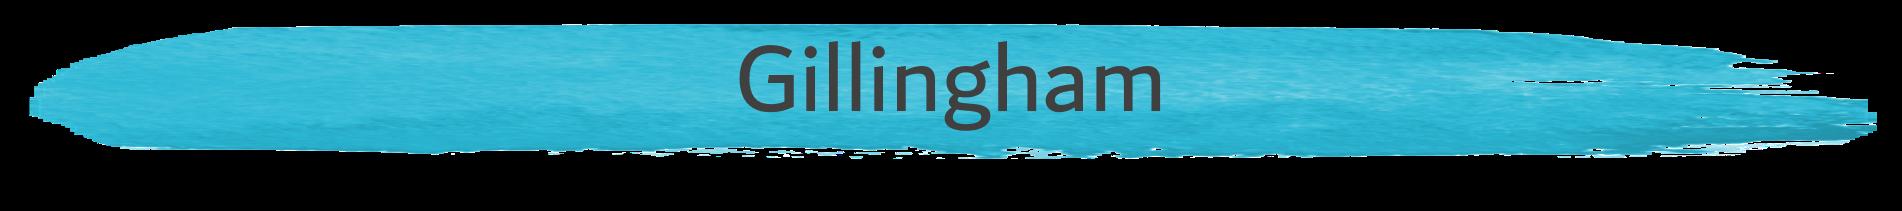 Gillingham toddler group.png